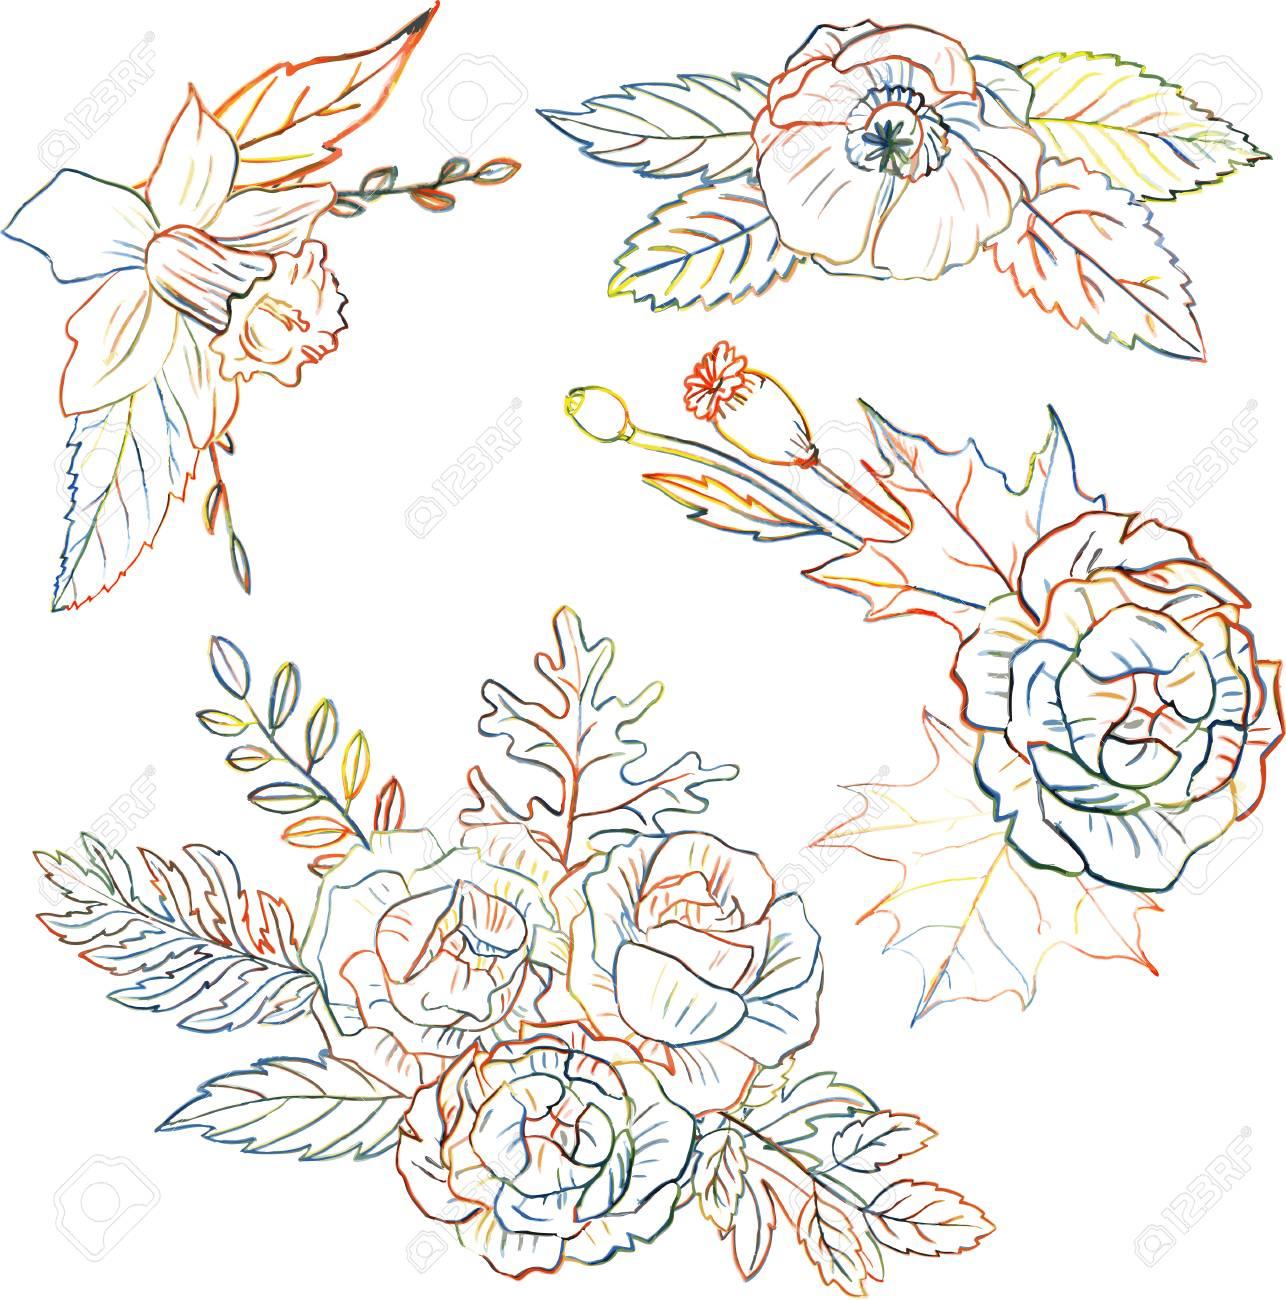 Dessin Floral Ensemble Dessin De Crayons De Couleur Avec Des Fleurs